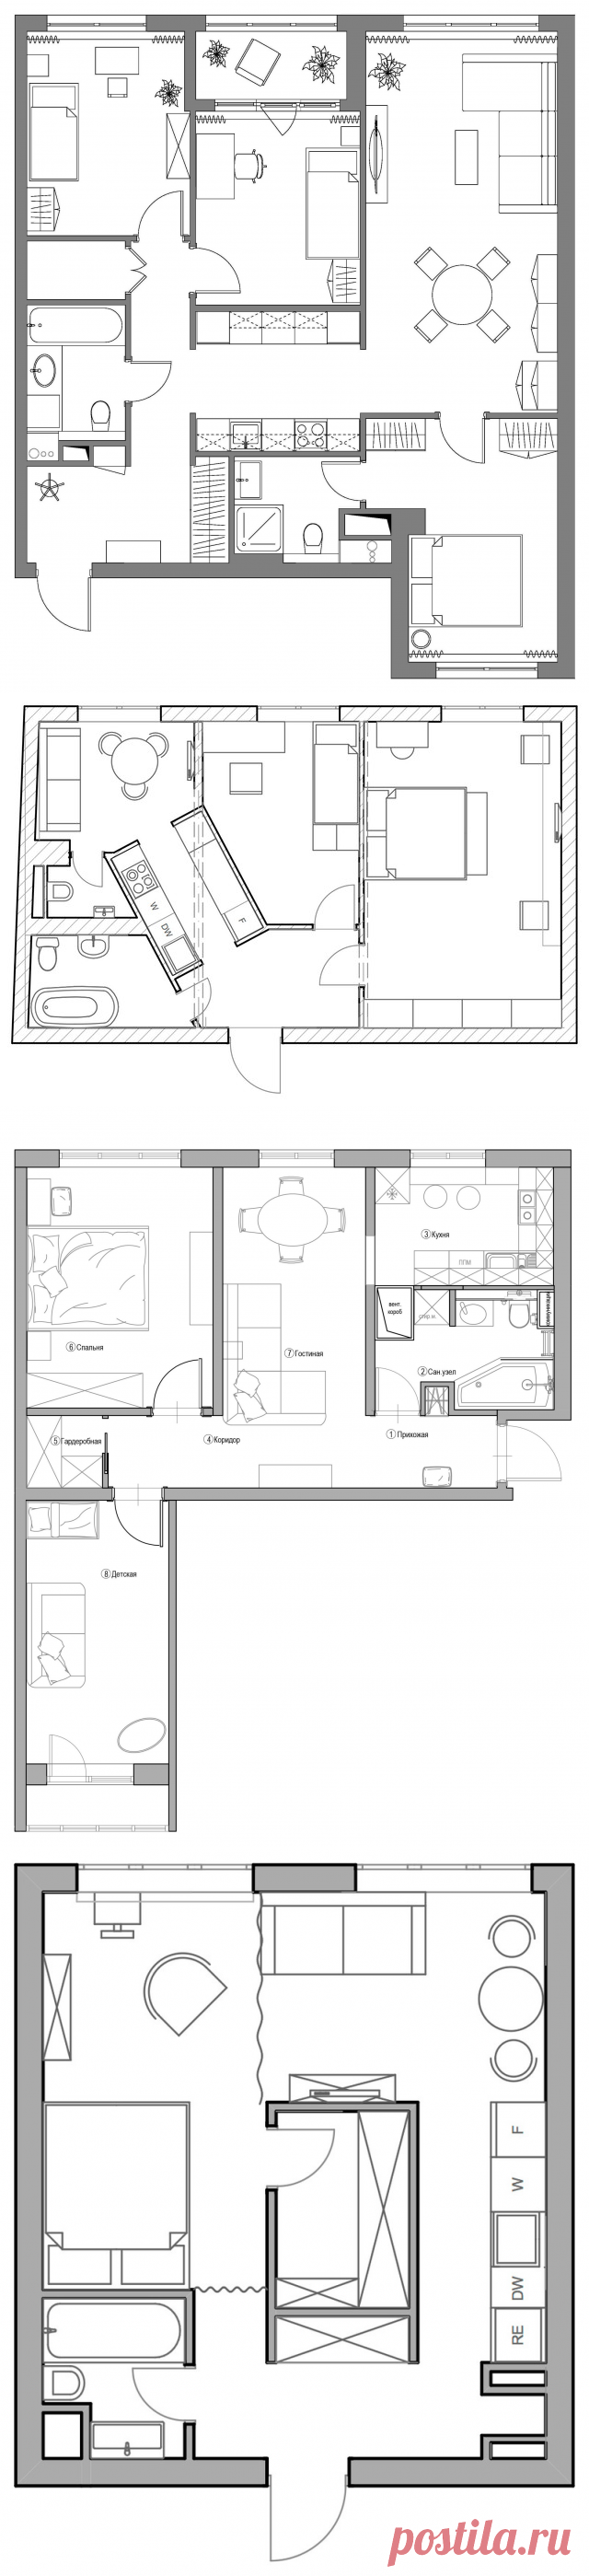 Дизайн интерьера маленькой квартиры, фото дизайна маленьких квартир   Houzz Россия